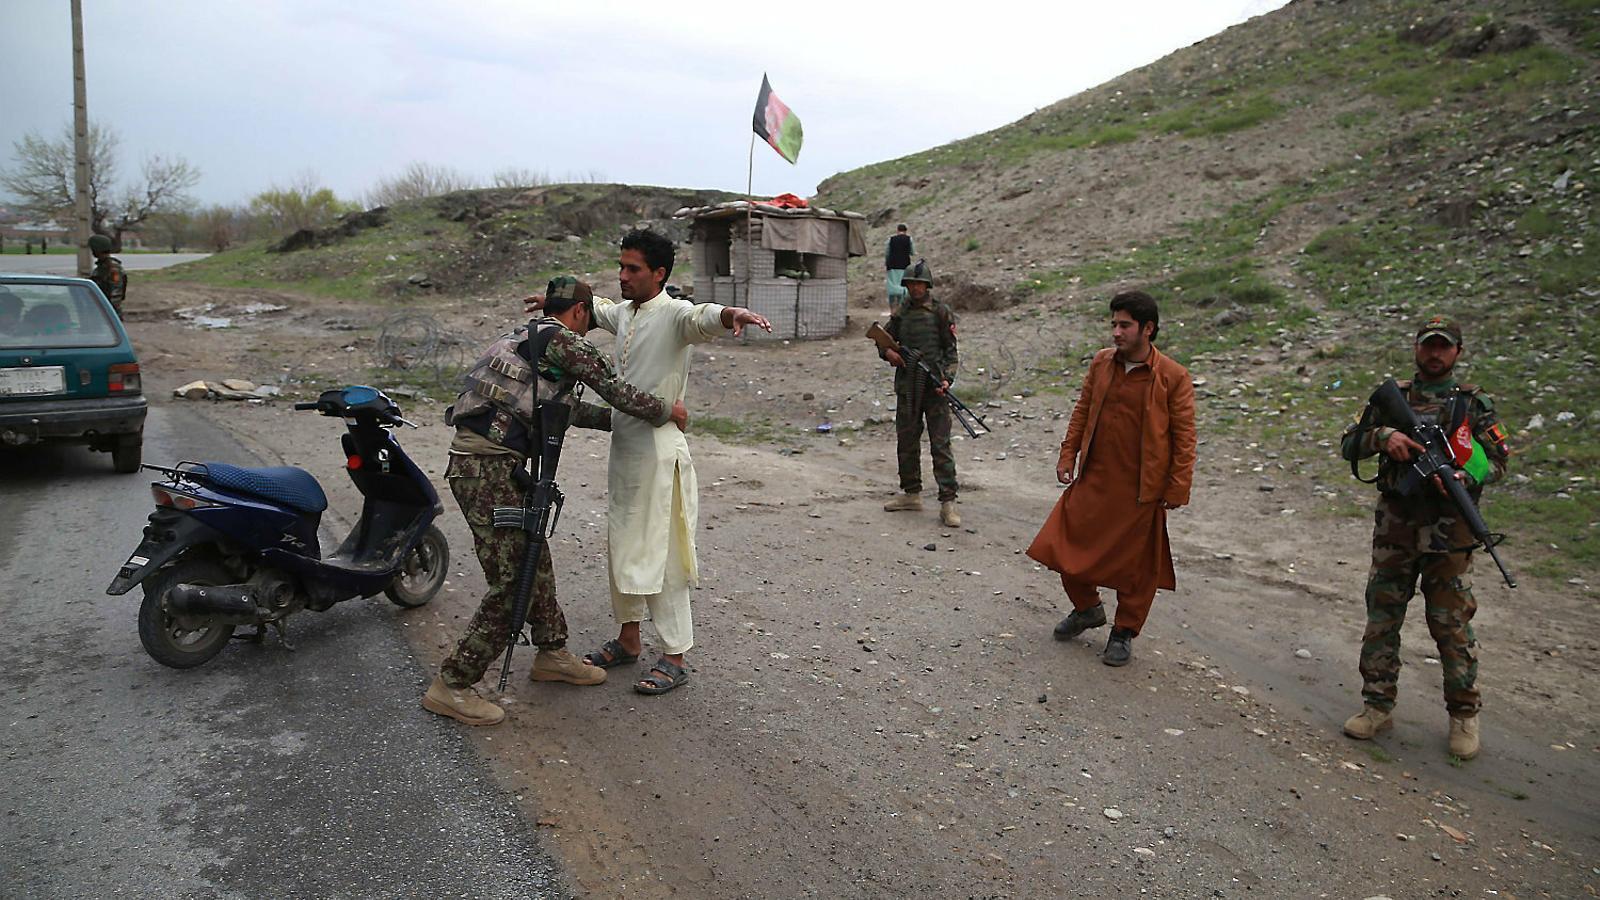 El Tribunal Penal Internacional investigarà crims de guerra a l'Afganistan